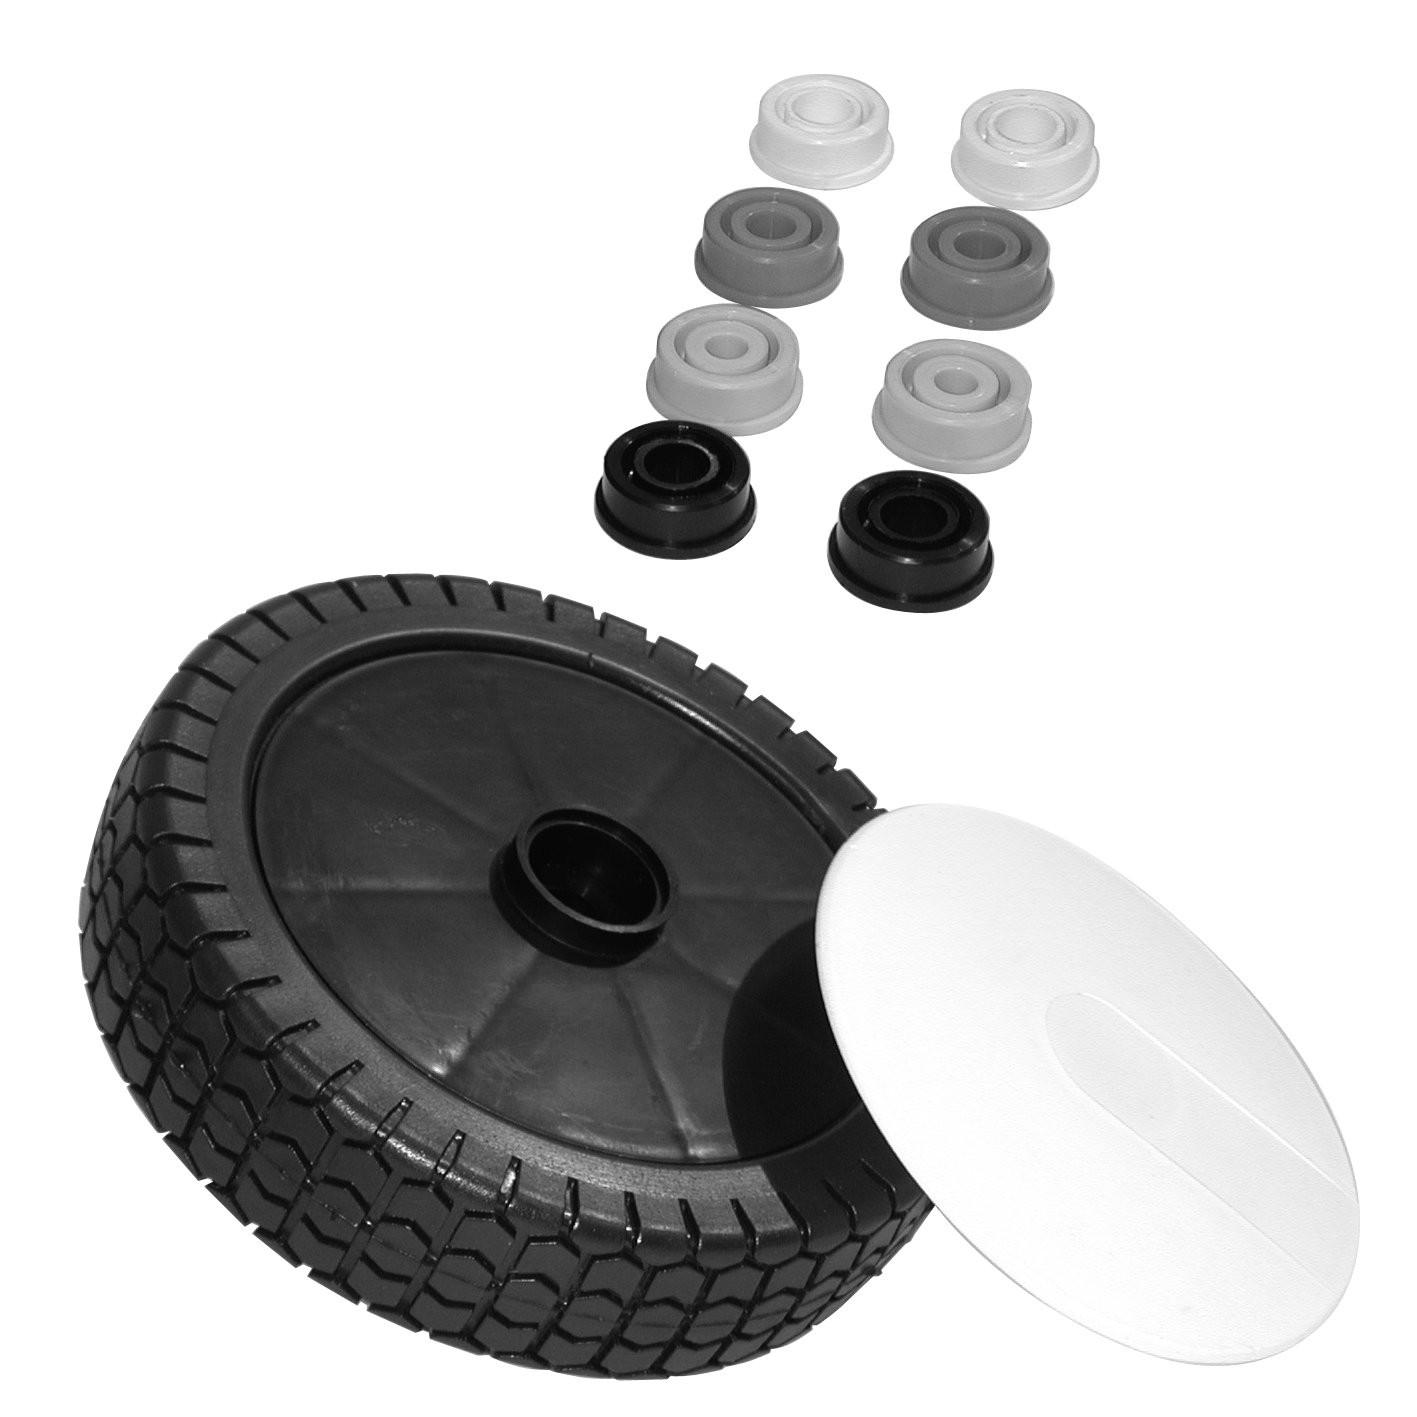 Univerzální plastové kolo pro sekačky, Turf 72-602